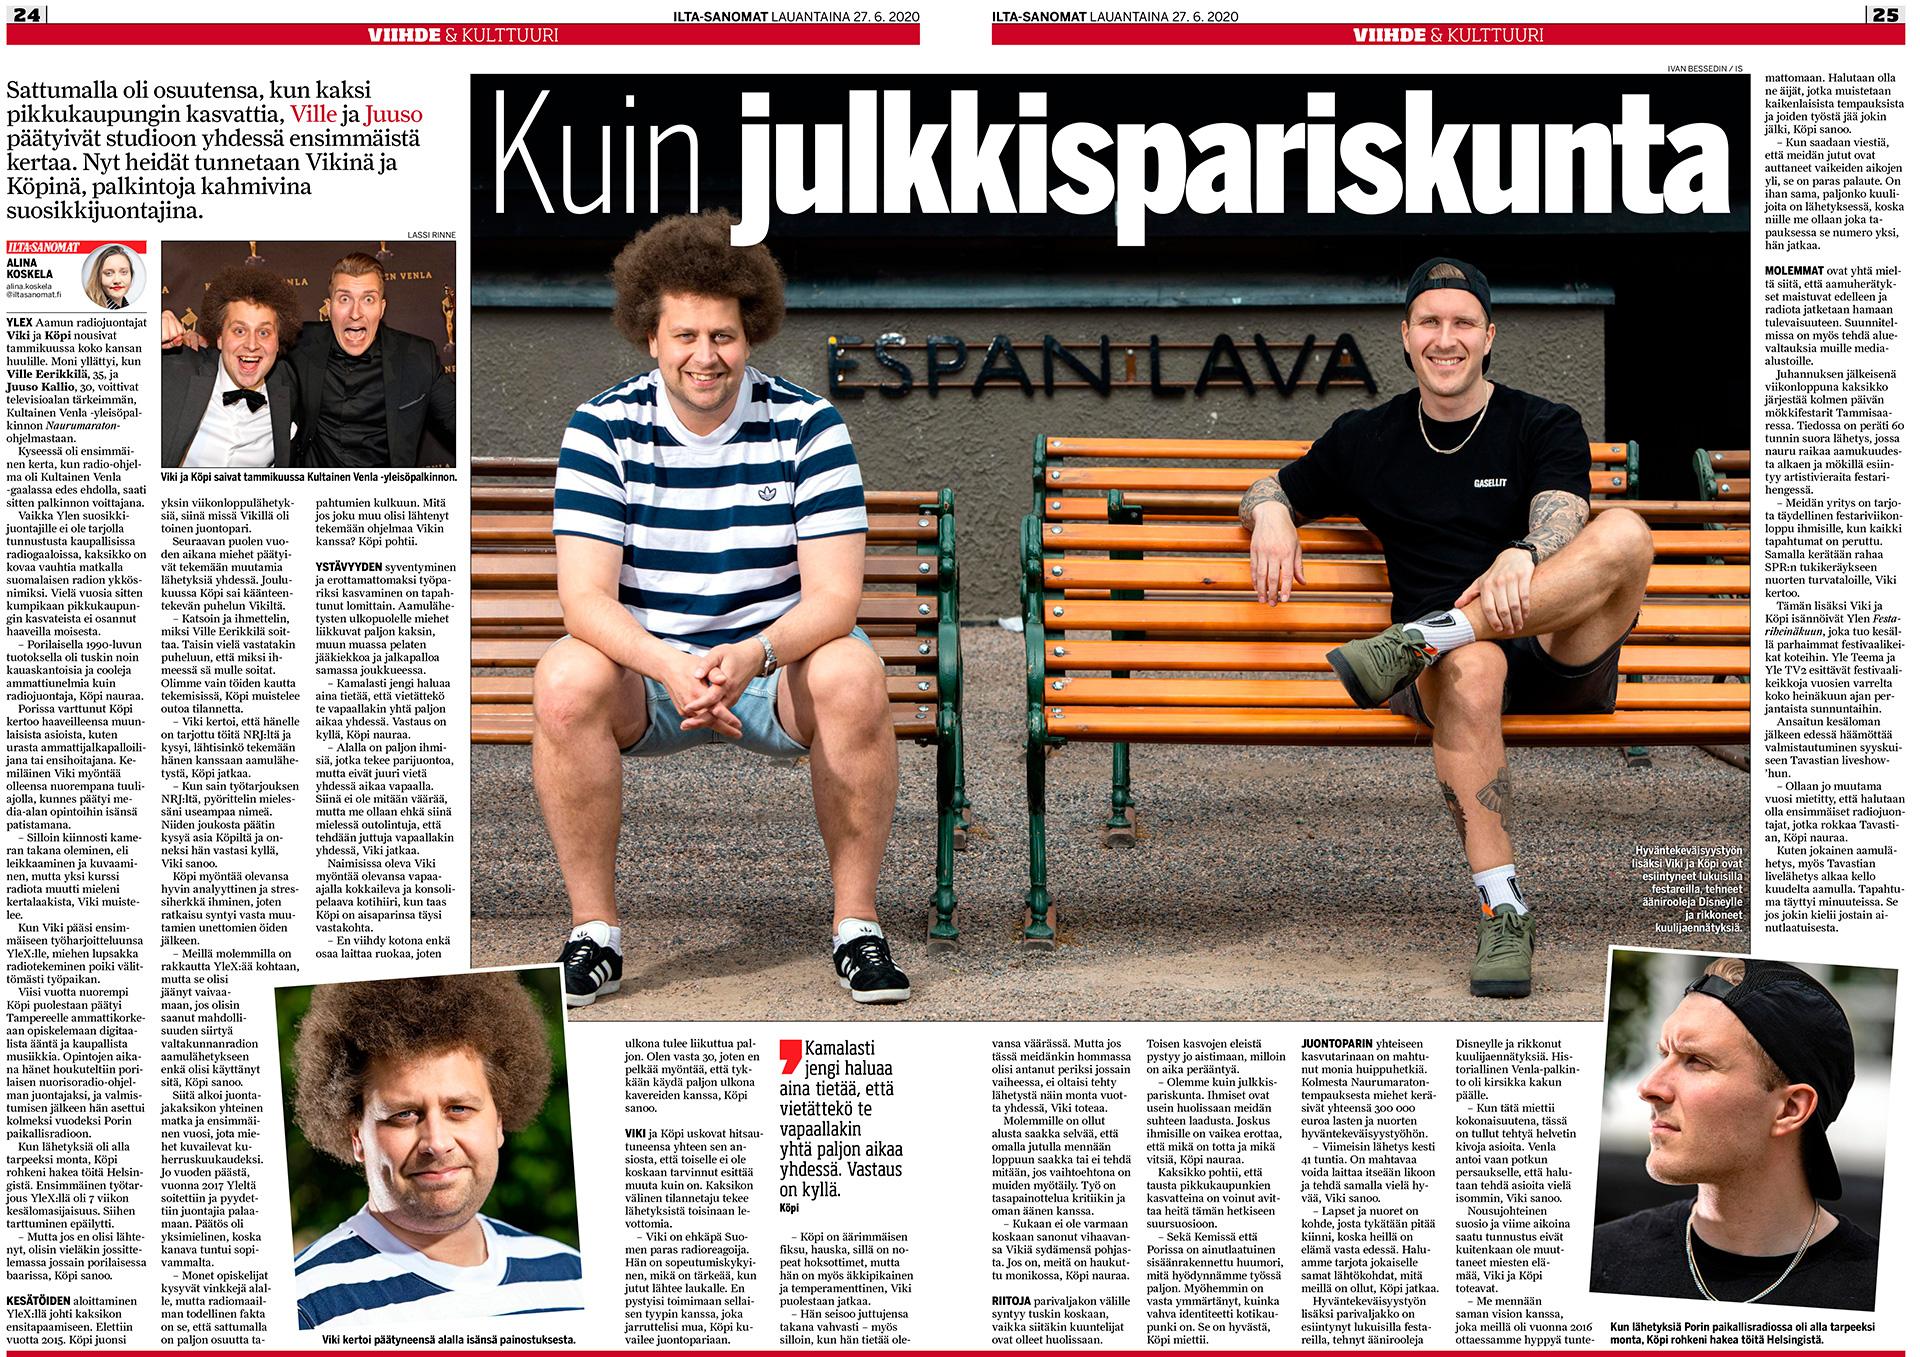 Viki ja Köpi, juontajat, radiojuontajat